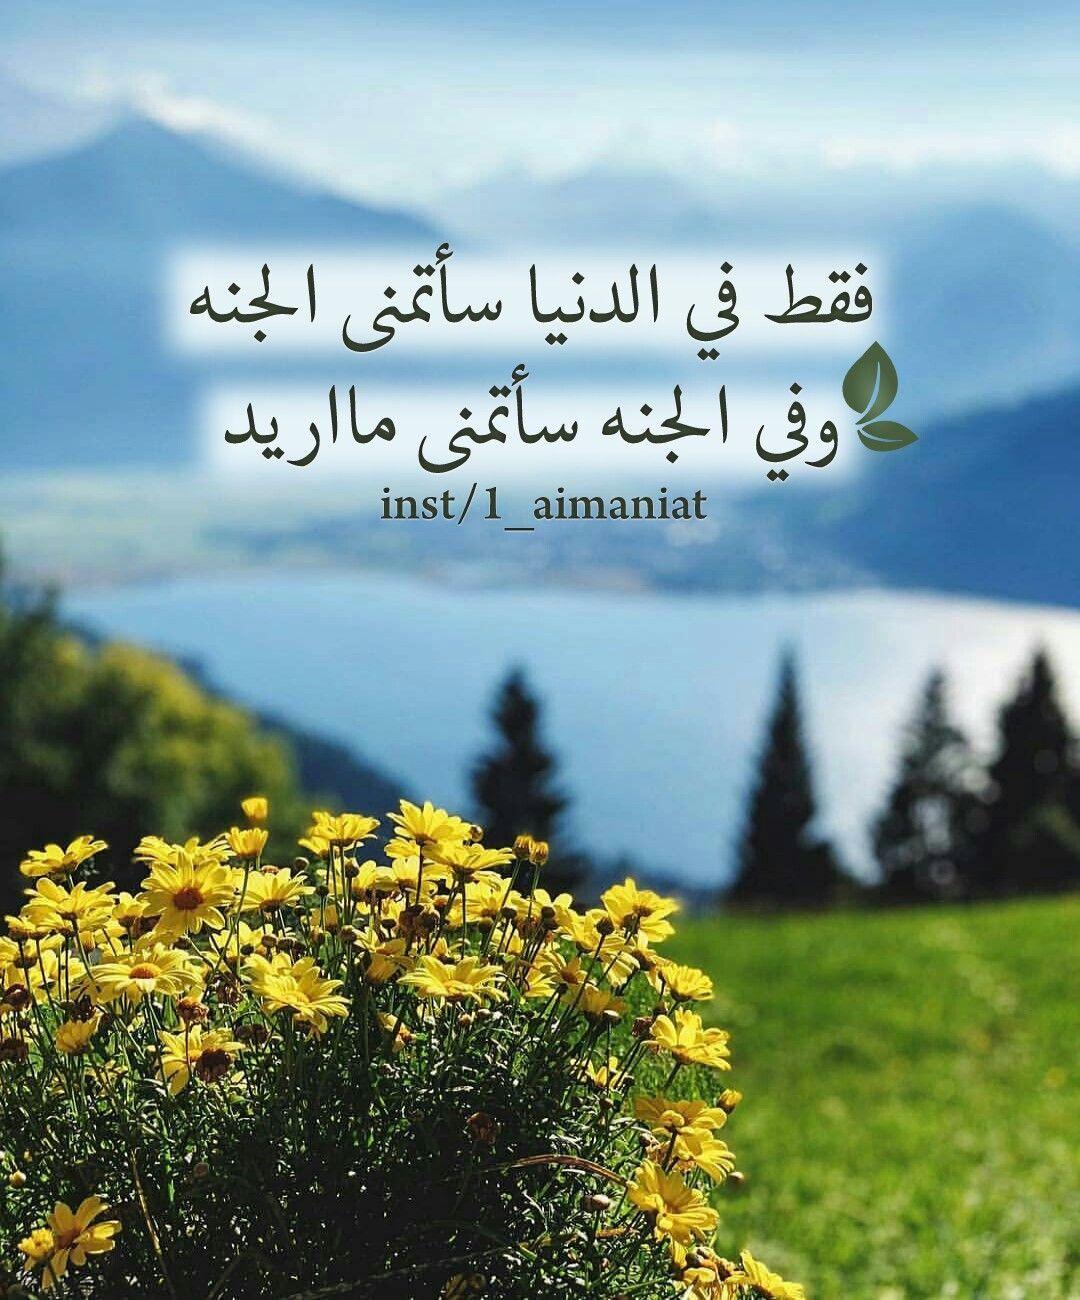 فقط في الدنيا سأتمنى الجنه وفي الجنه سأتمنى مااريد Islamic Quotes Islamic Pictures Islam Quran